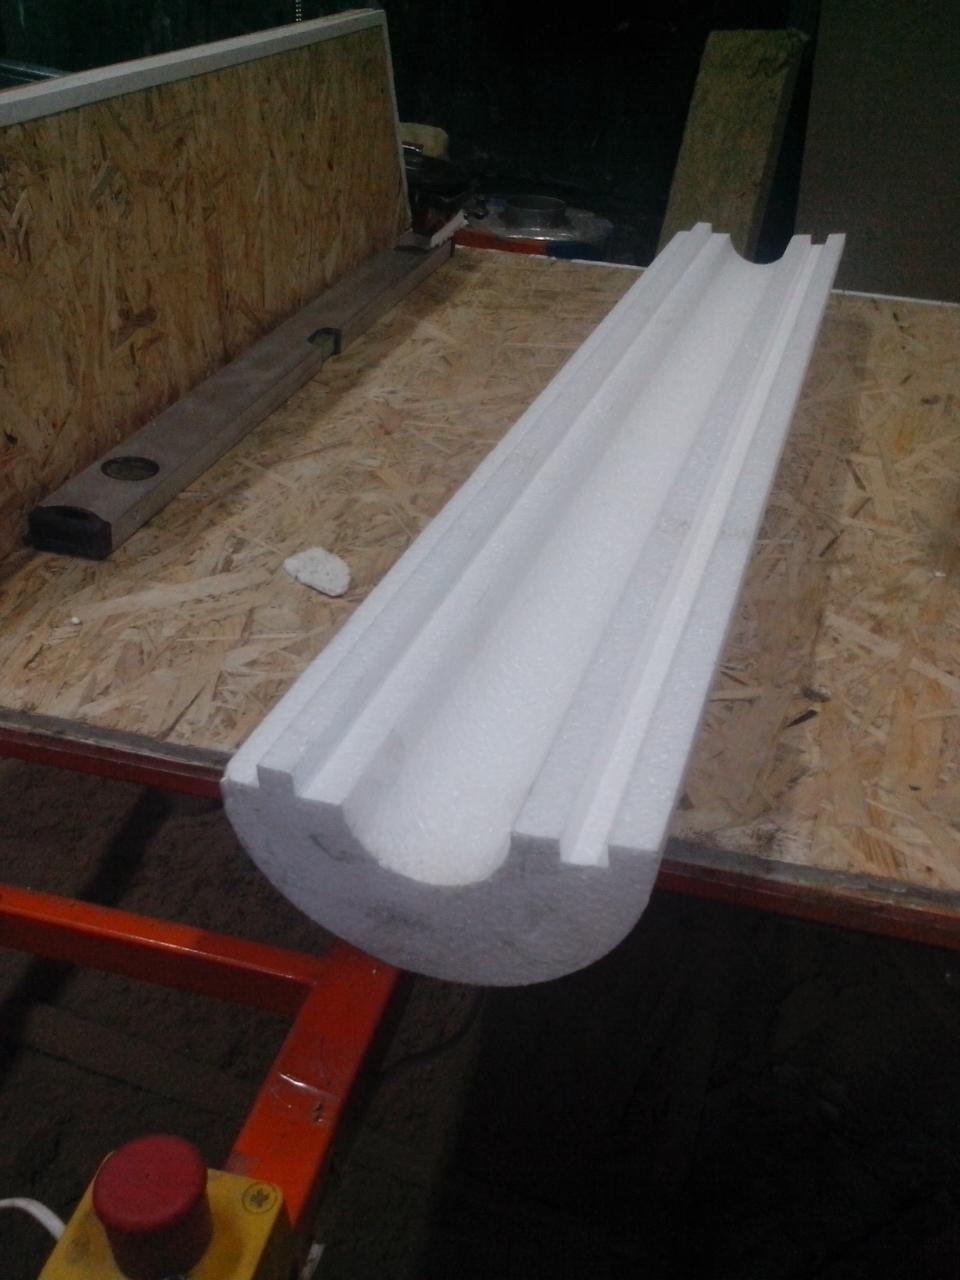 Утеплитель из пенопласта (пенополистирола) для труб Ø 50 мм толщиной 70 мм